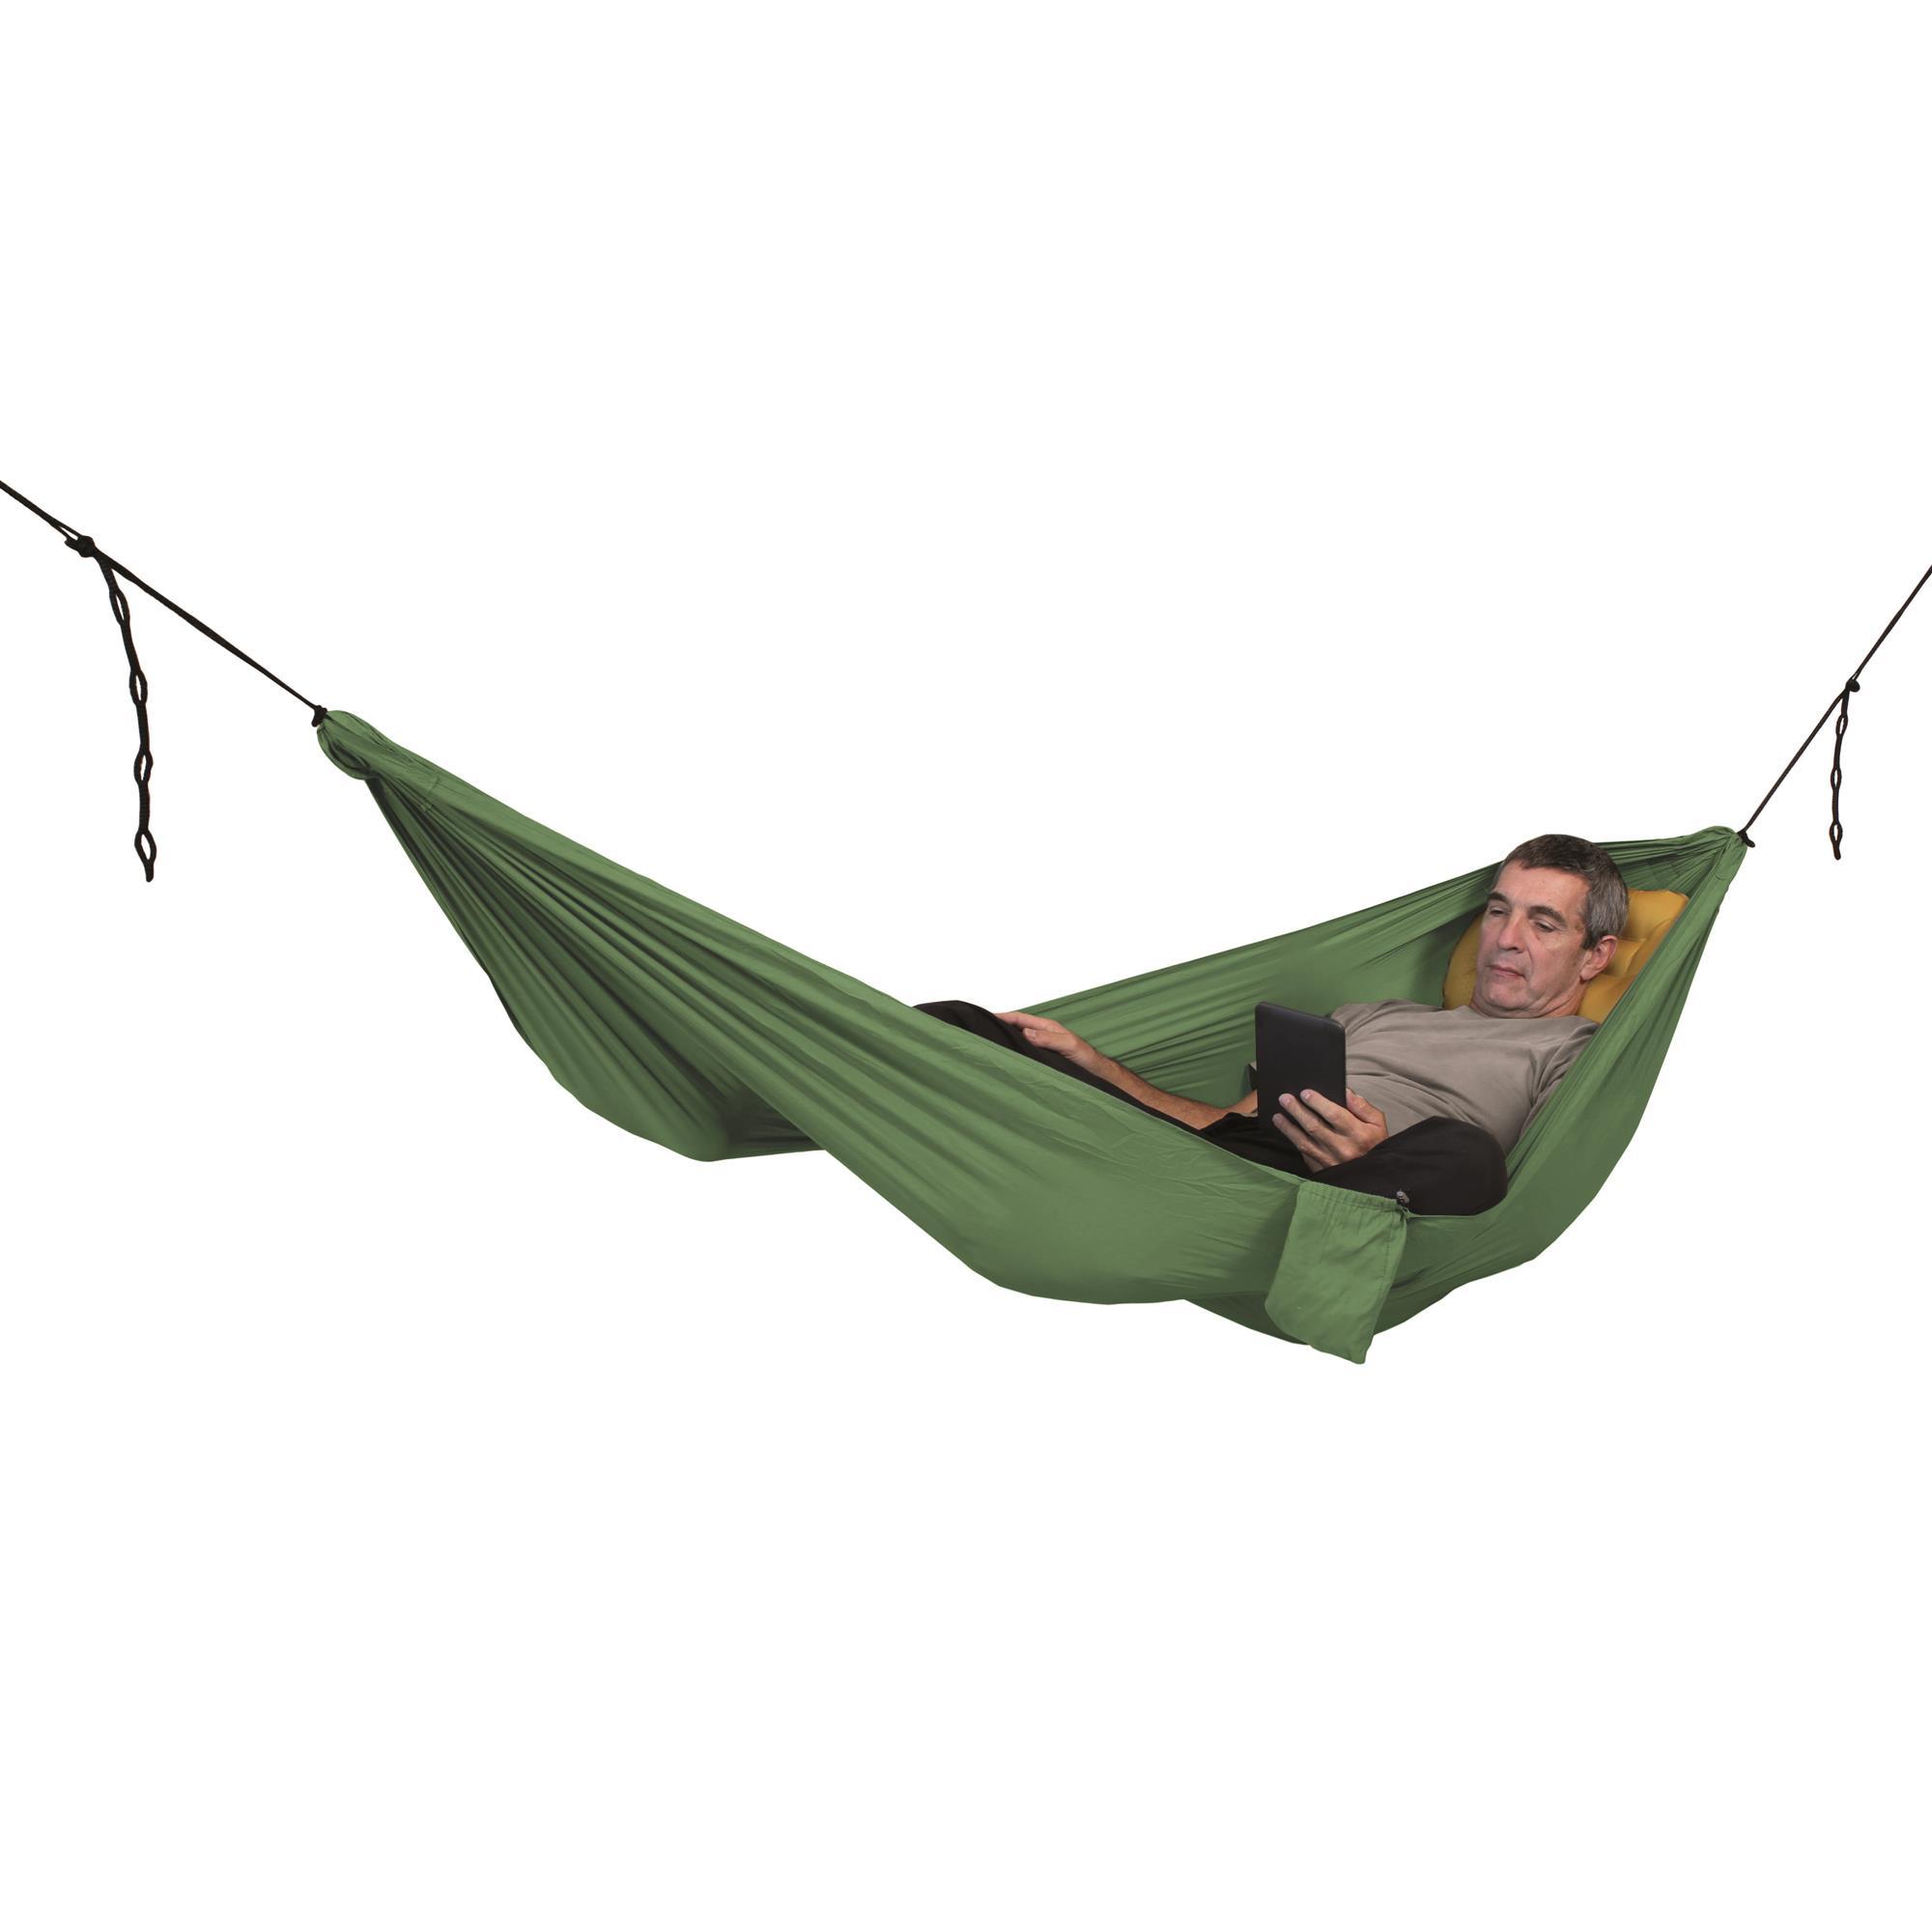 travel hammock h ngematte g nstig kaufen. Black Bedroom Furniture Sets. Home Design Ideas